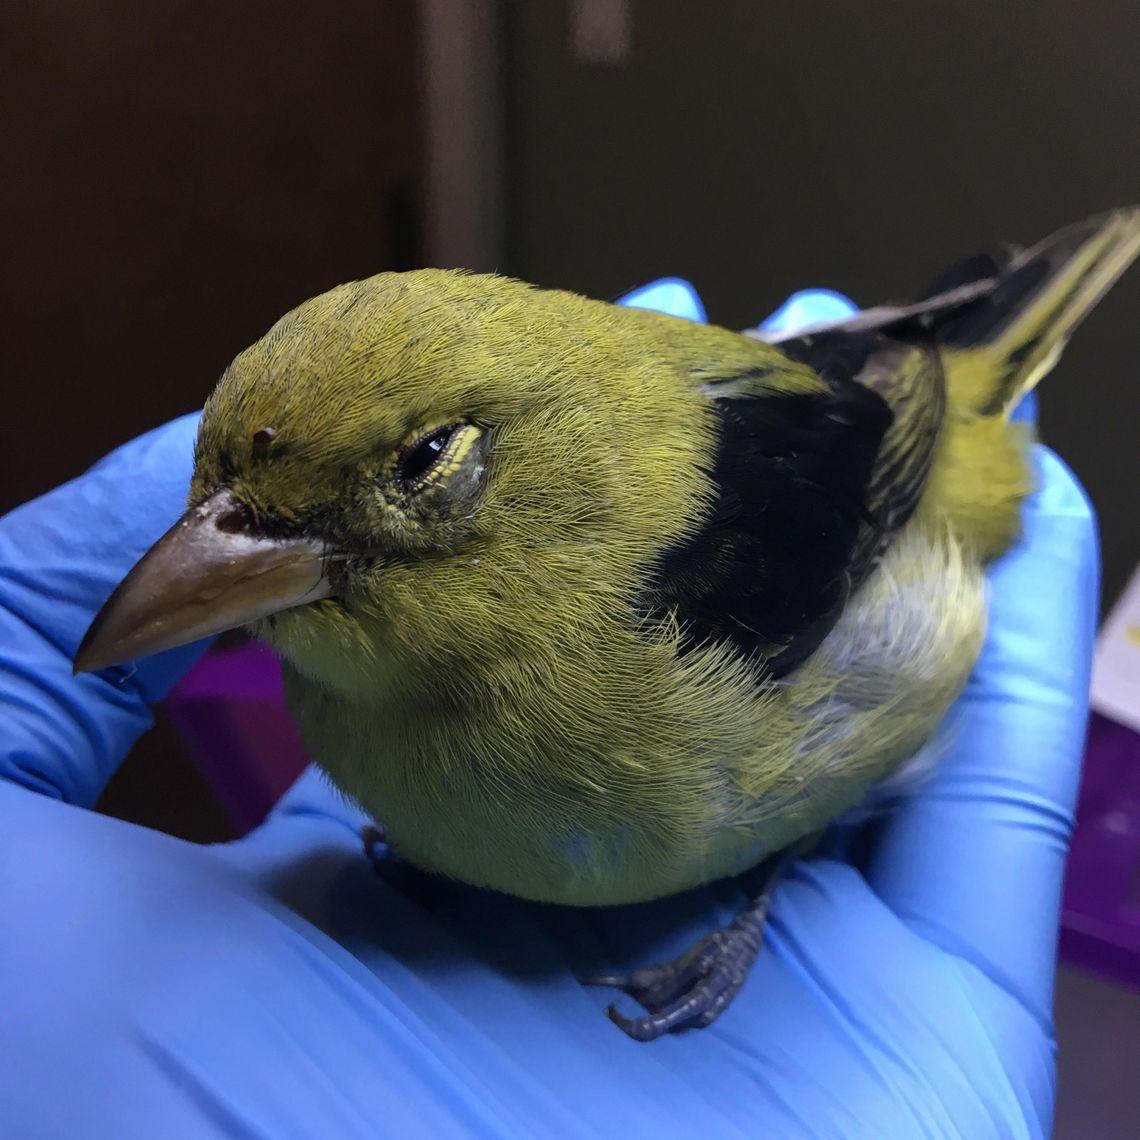 Injured scarlet tanager